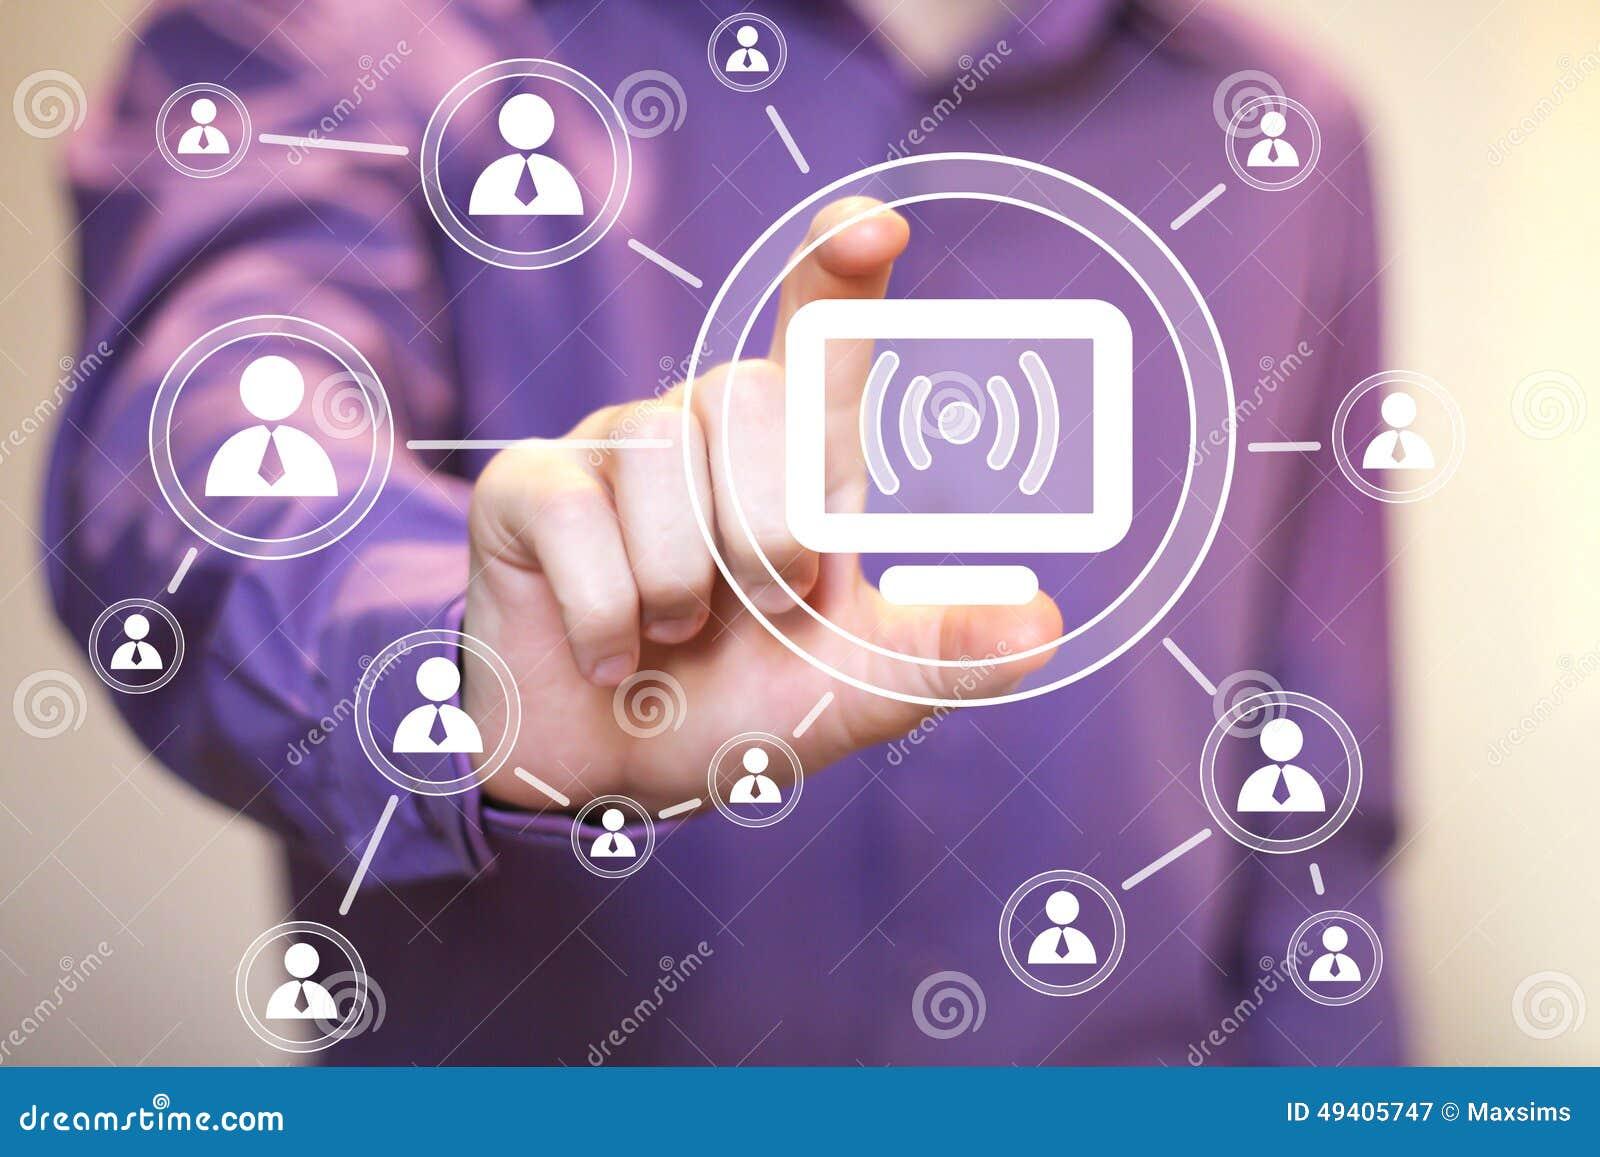 Download Geschäftsknopfnetz Wifi Verbindungscomputer-Ikonenleute Stock Abbildung - Illustration von zukunft, finger: 49405747